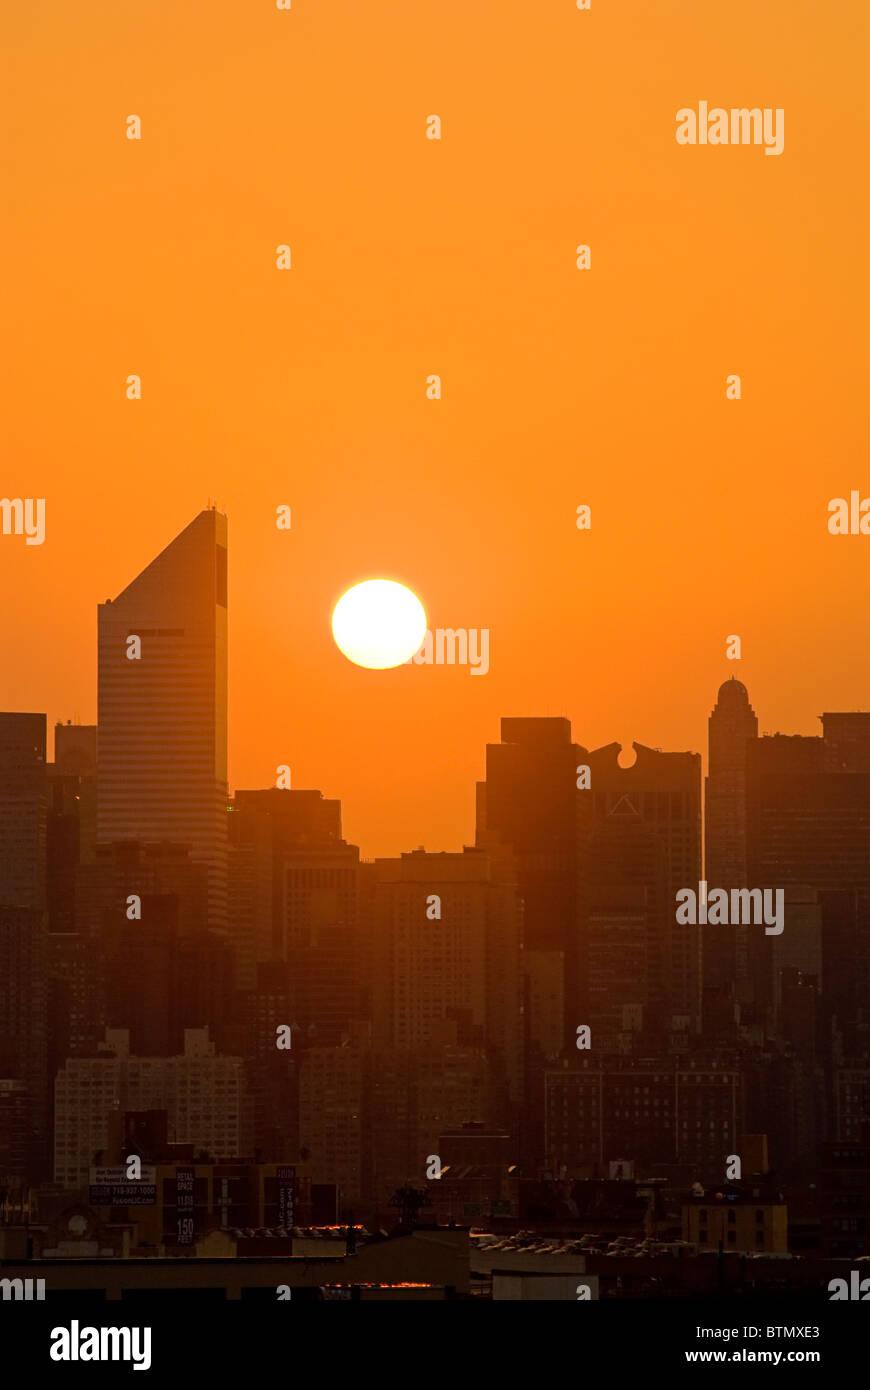 Skyline von Midtown Manhattan mit dem Citicorp-Center, bei Sonnenuntergang, New York City. Stockbild